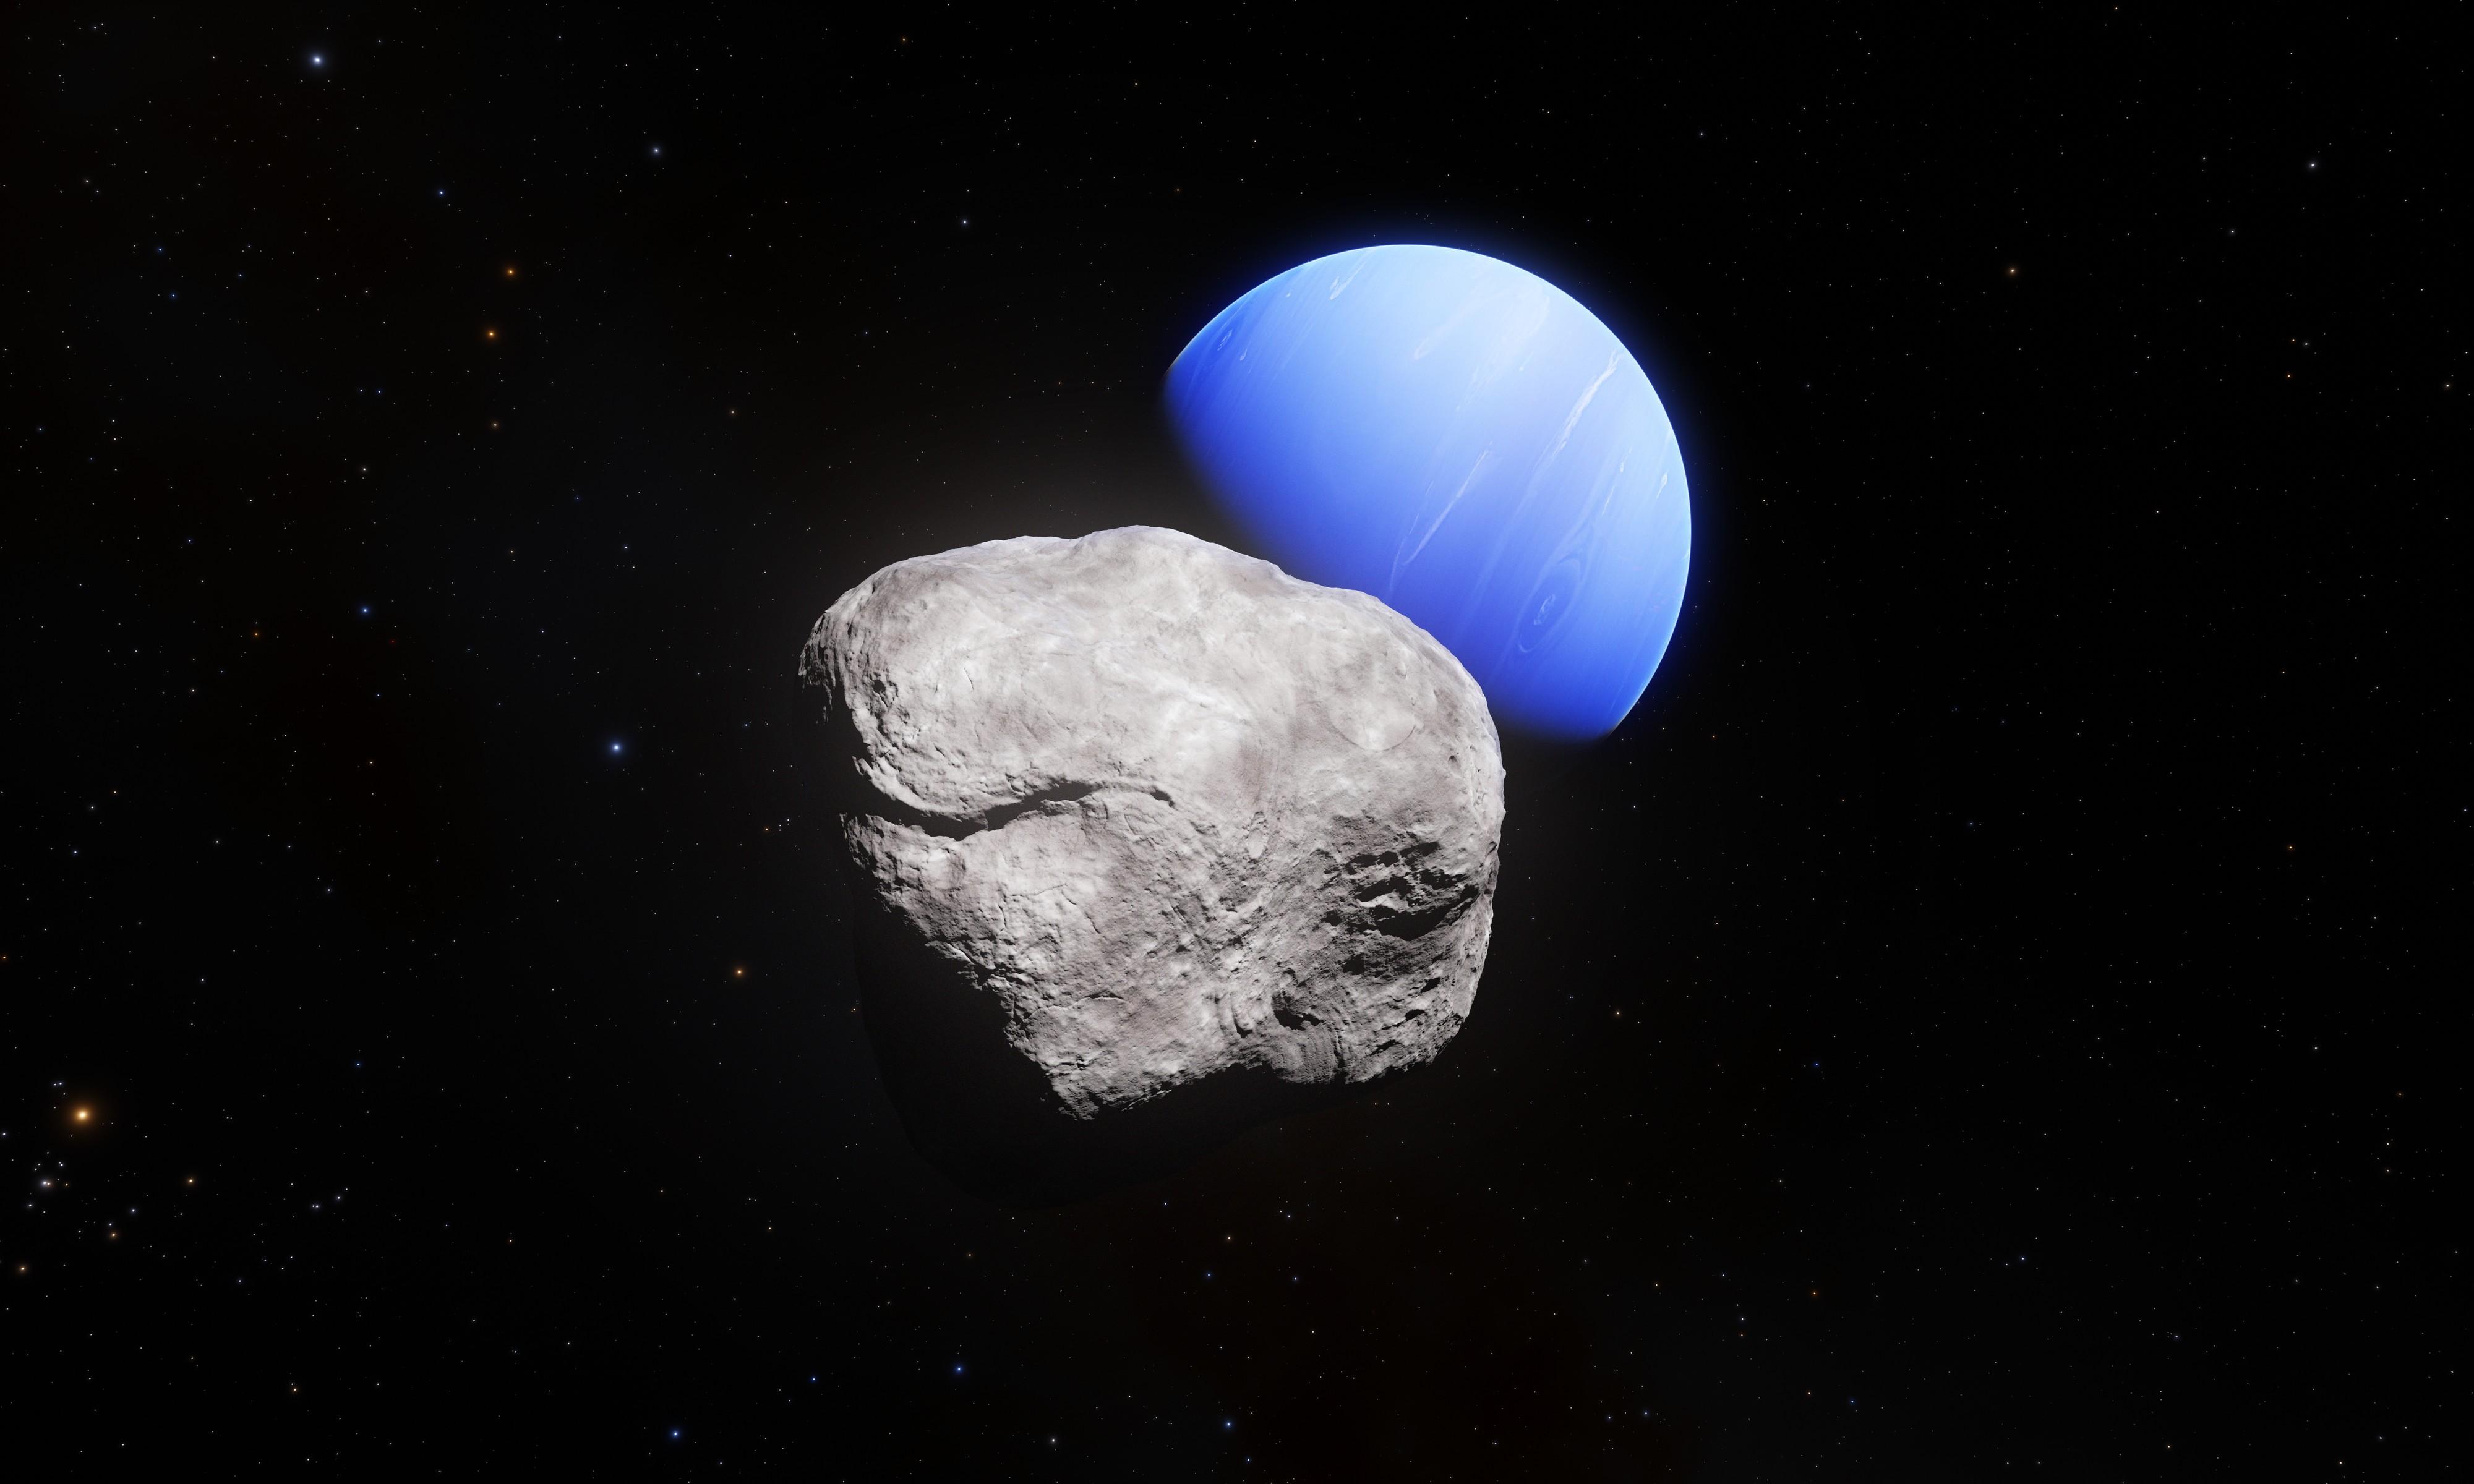 Montagem do planeta Netuno ao lado da lua Hippocamp (Foto: ESA/Hubble, NASA, L. Calçada)